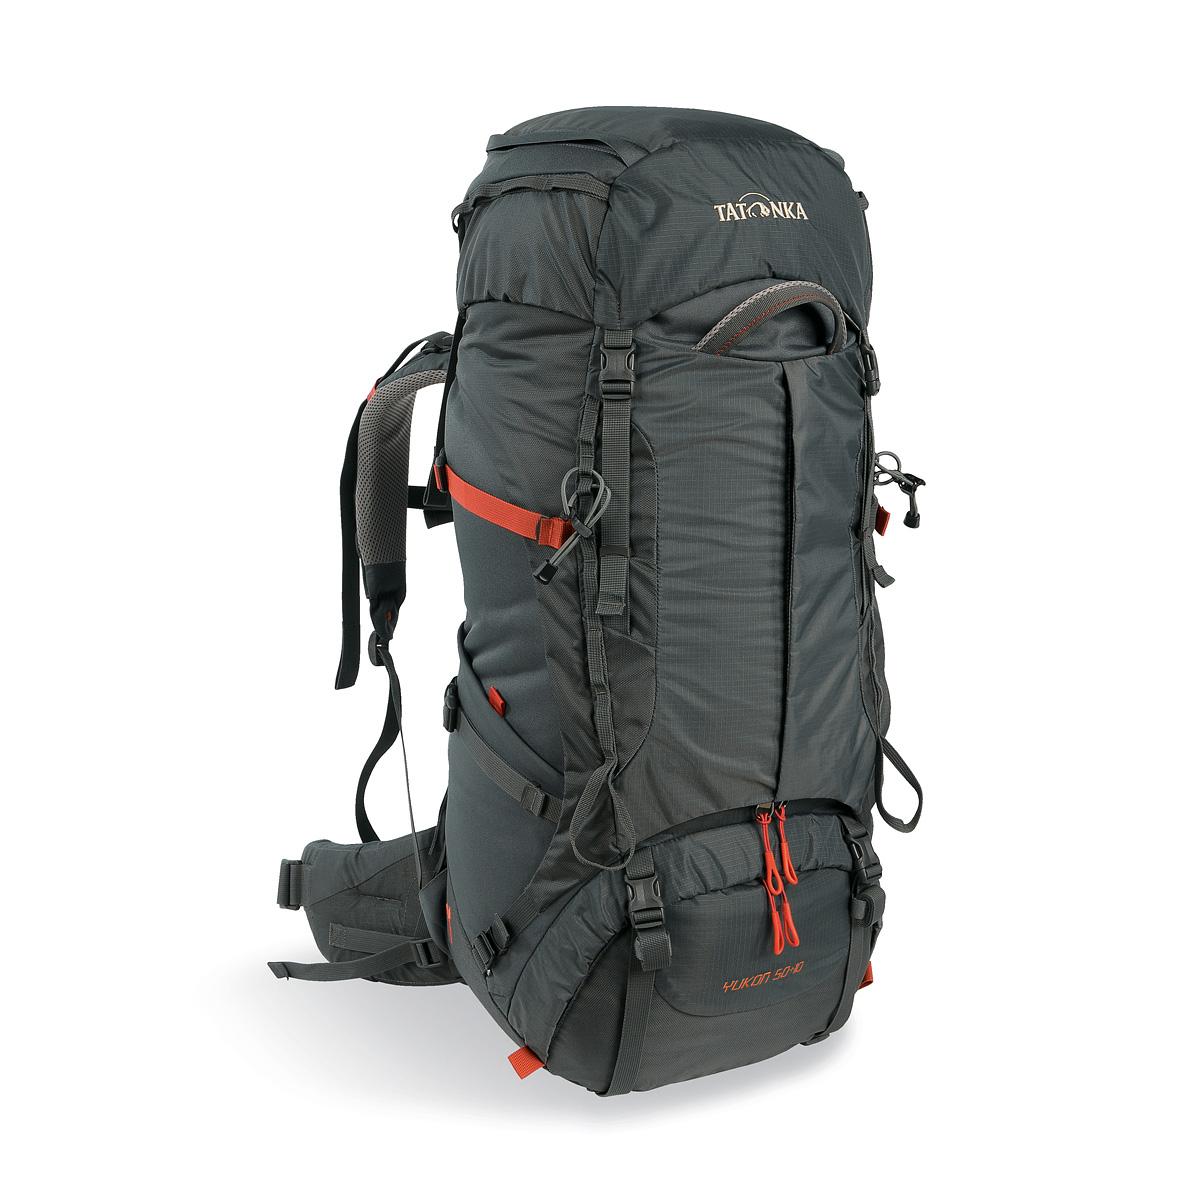 Рюкзак Tatonka Yukon 50+10 Women titan greyЖенский рюкзак Tatonka Yukon 50+10 Women - это идеальный выбор для широкого спектра туризма. Рюкзак оптимизирован для нагрузок до 25 кг и предлагает идеальное сочетание легкости, прочности и производительности. Вес и эффективность v2 - это несущая система, которая на протяжении многих лет получила высшие награды, была улучшена для сезона 2017, с одной стороны, за счет использования более легких материалов, а с другой с трехмерным поясным. Удобный вход по центру рюкзака даёт возможность гораздо проще произвести укладку. Дно рюкзака изготовлено из прочного материала Cordura.<br><br>Вес кг: 2.30000000